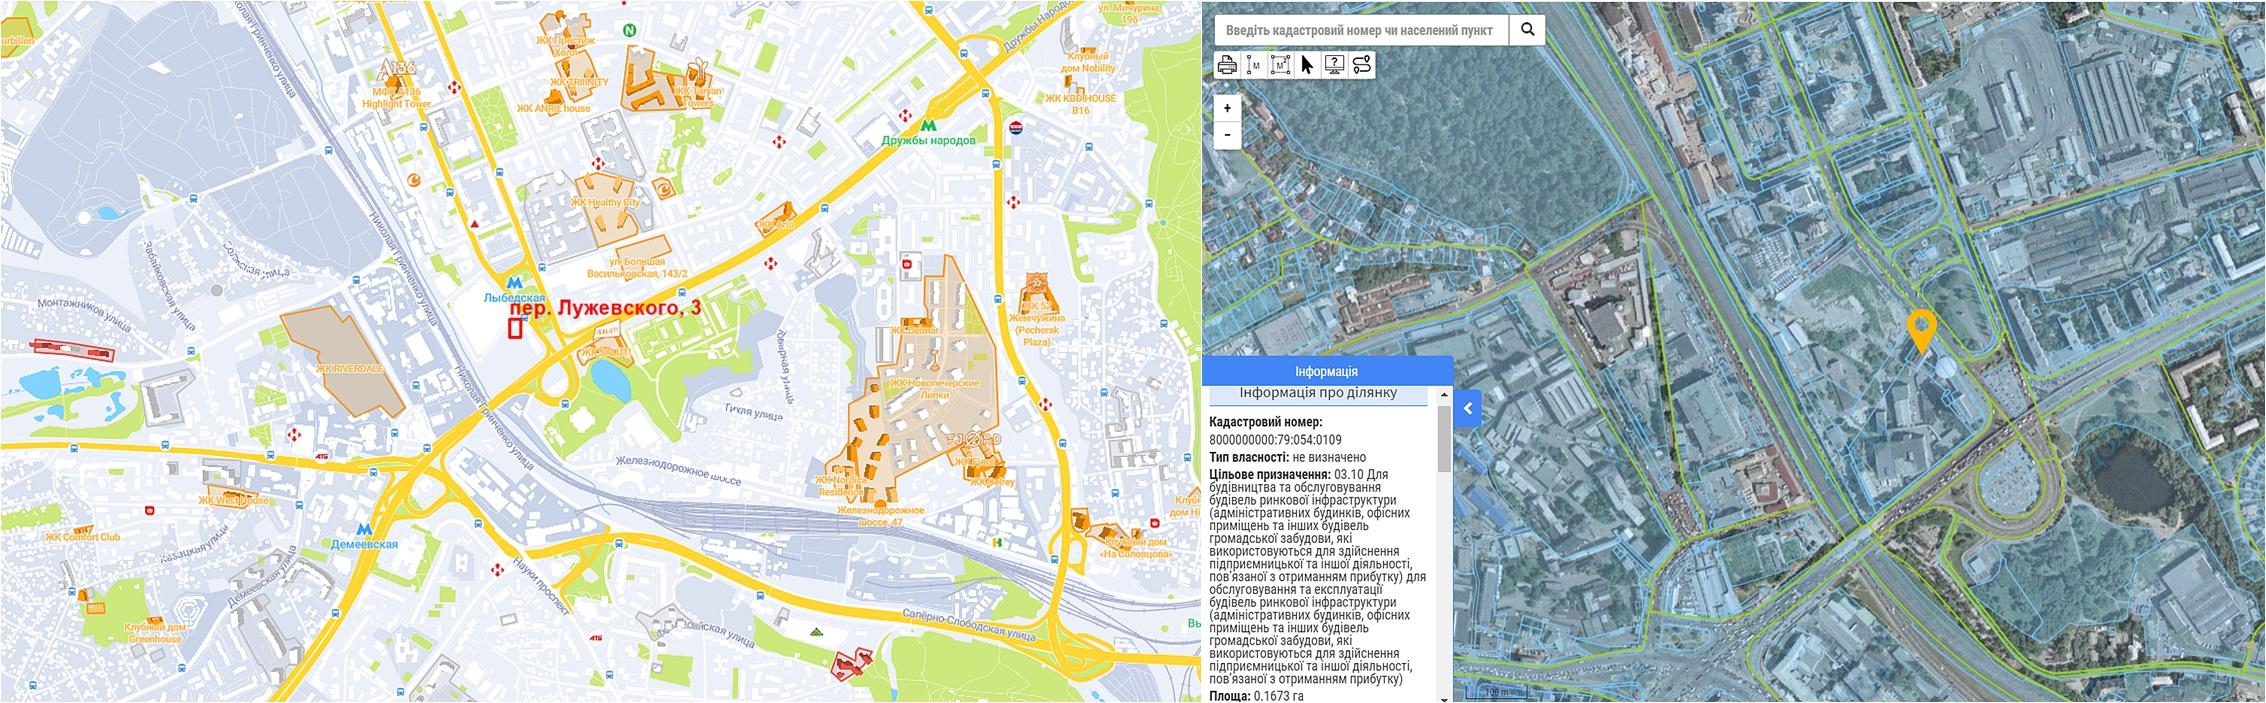 Проект реконструкции по ул. Лужевского, 3 данные кадастра и на карте